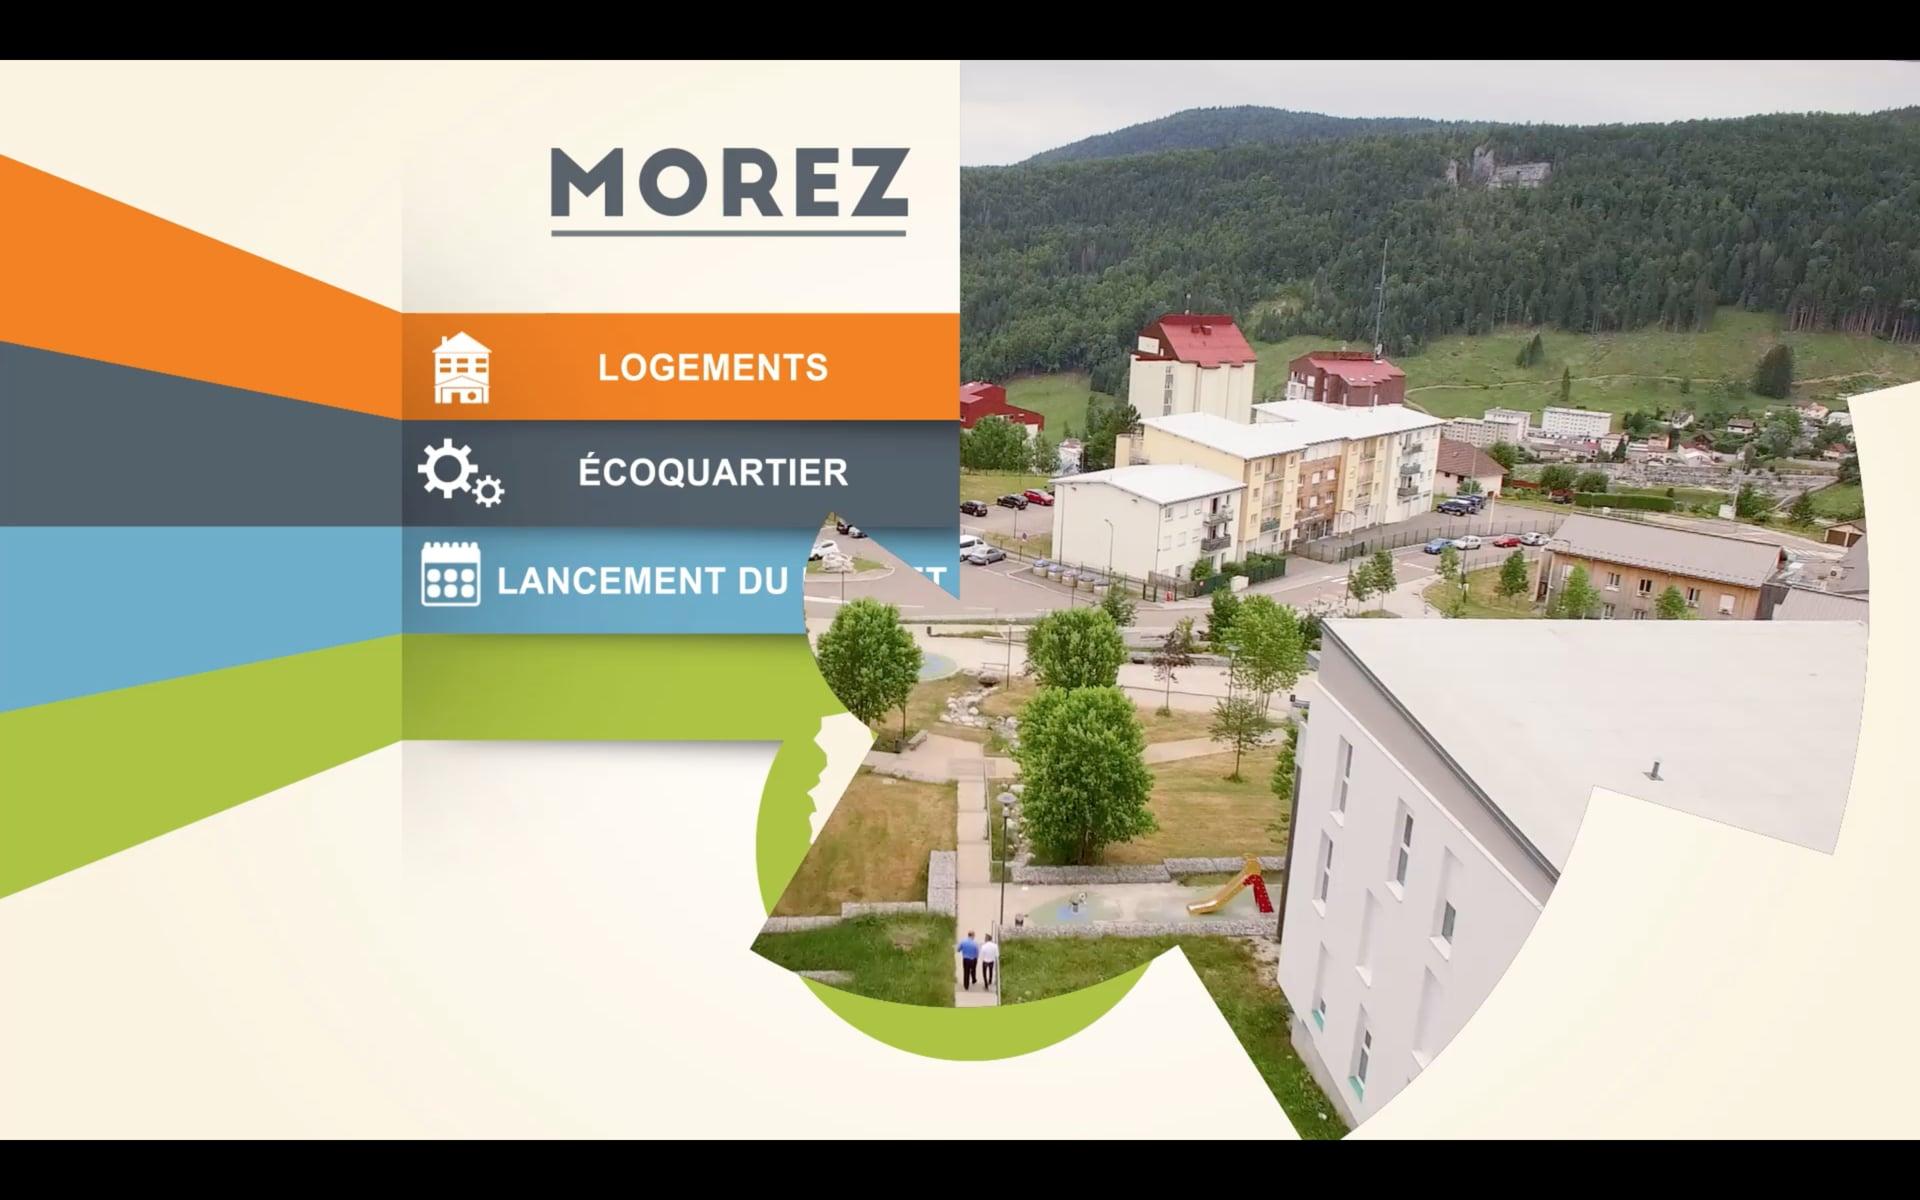 Les Premiers Ecoquartiers de Bourgogne-Franche-Comte